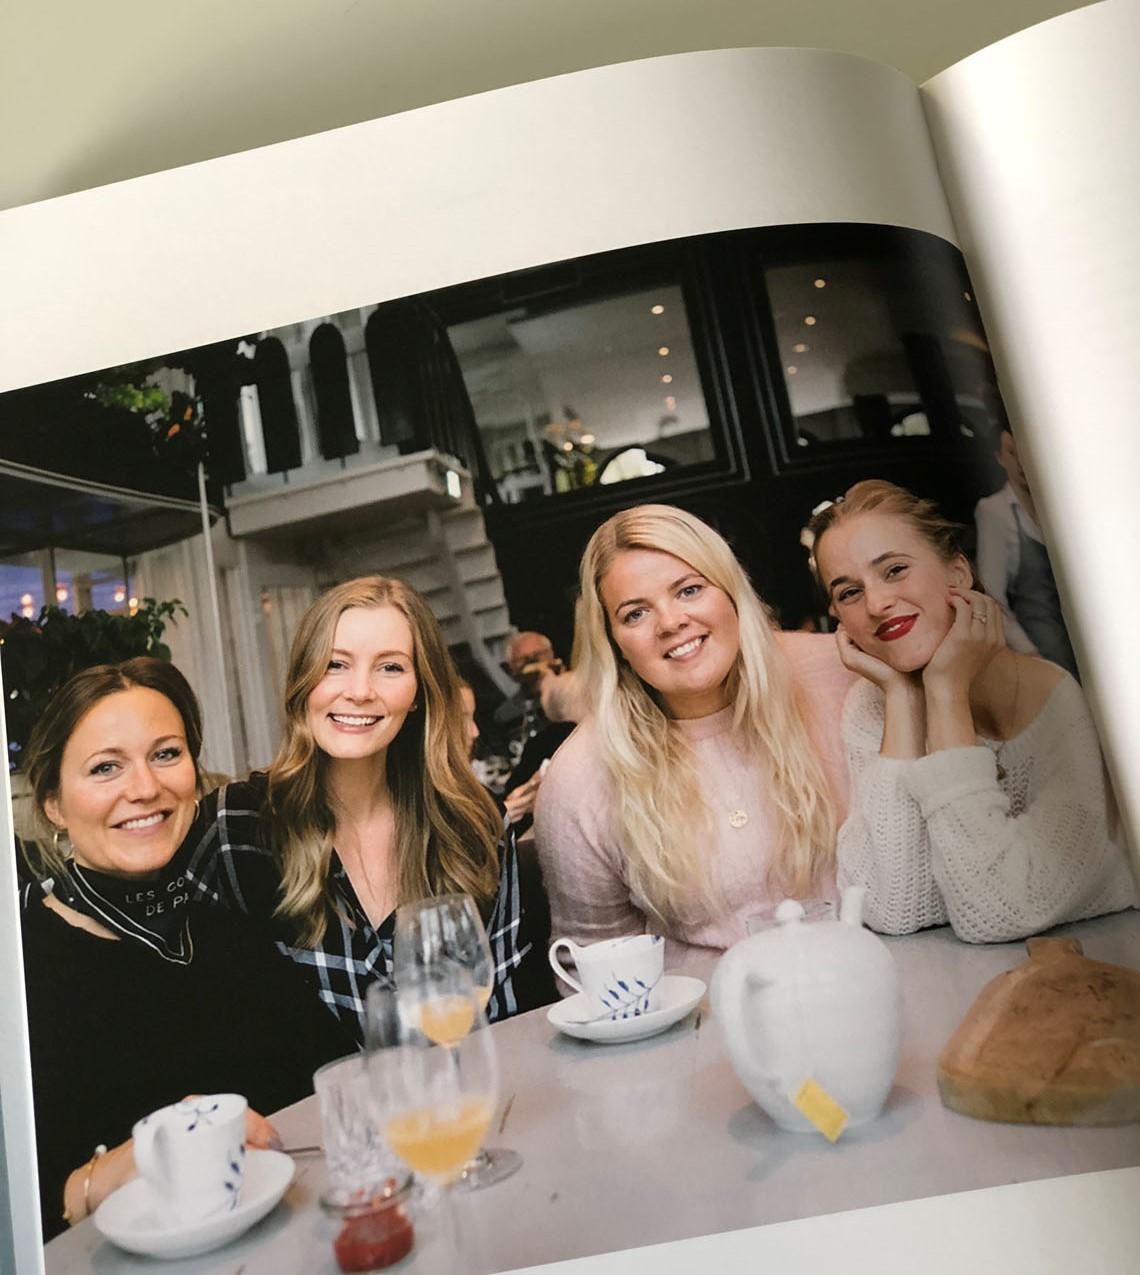 5bea3486 ... danske bloggere i kategorien livsstil – Emily Salomon, Christine  Egholm, Christina Dueholm og Cathrine Wichmand (bedre kendt som  Rockpaperdresses).